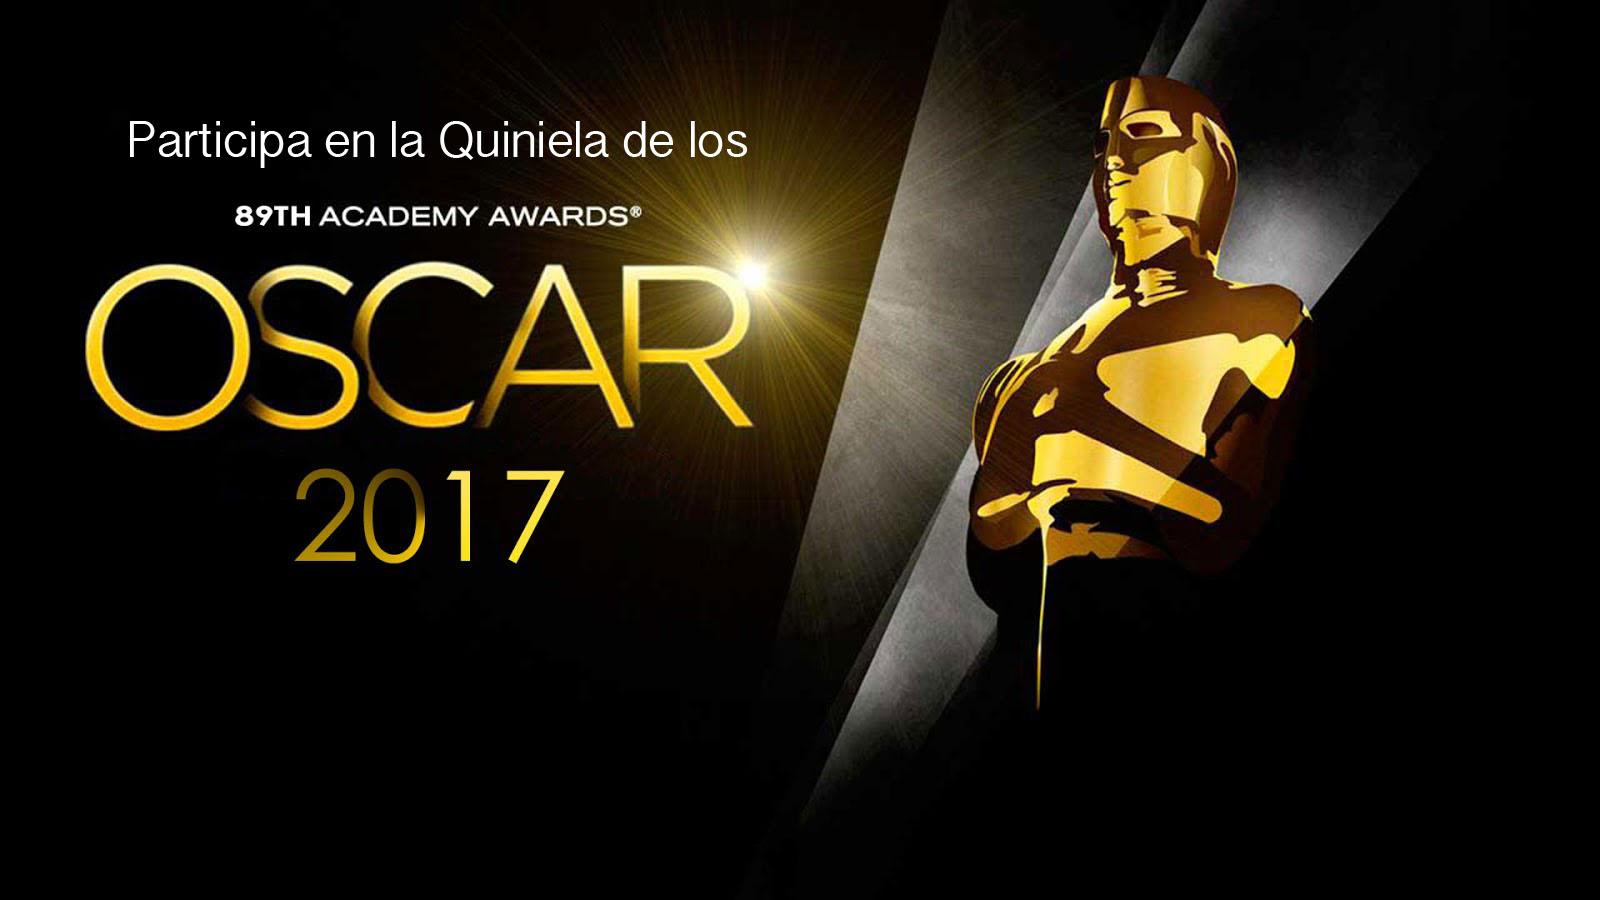 ¡Participa en la quiniela de los Oscars 2017 de Hello Friki!